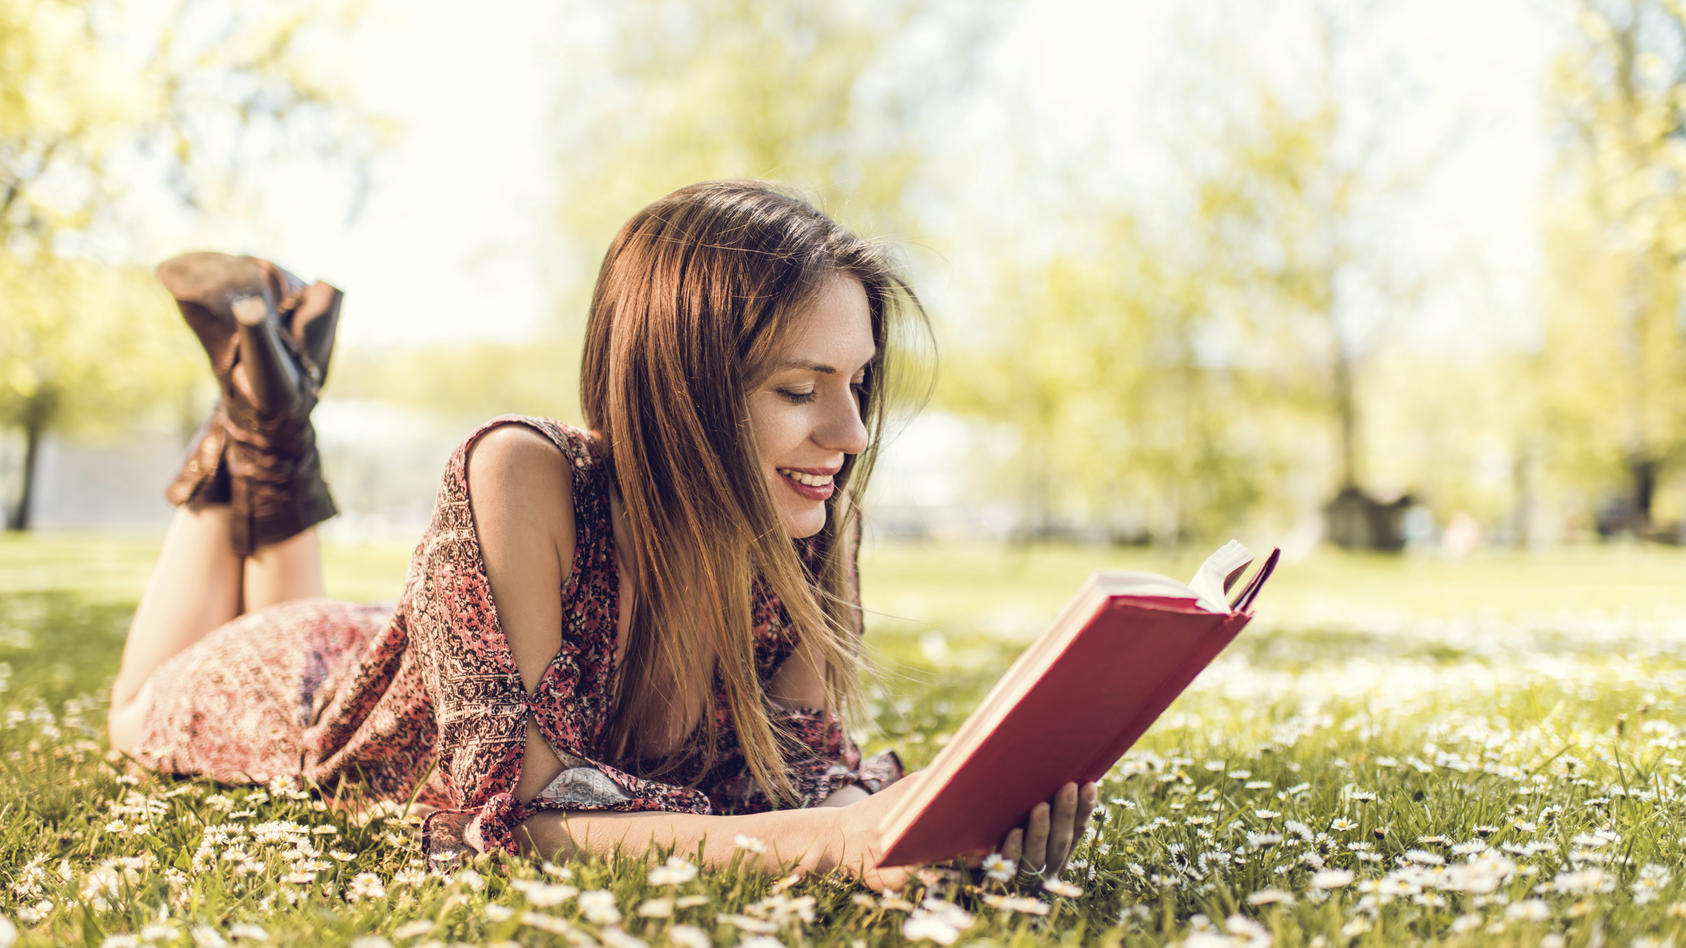 Sommer, Sonne und ein gutes Buch